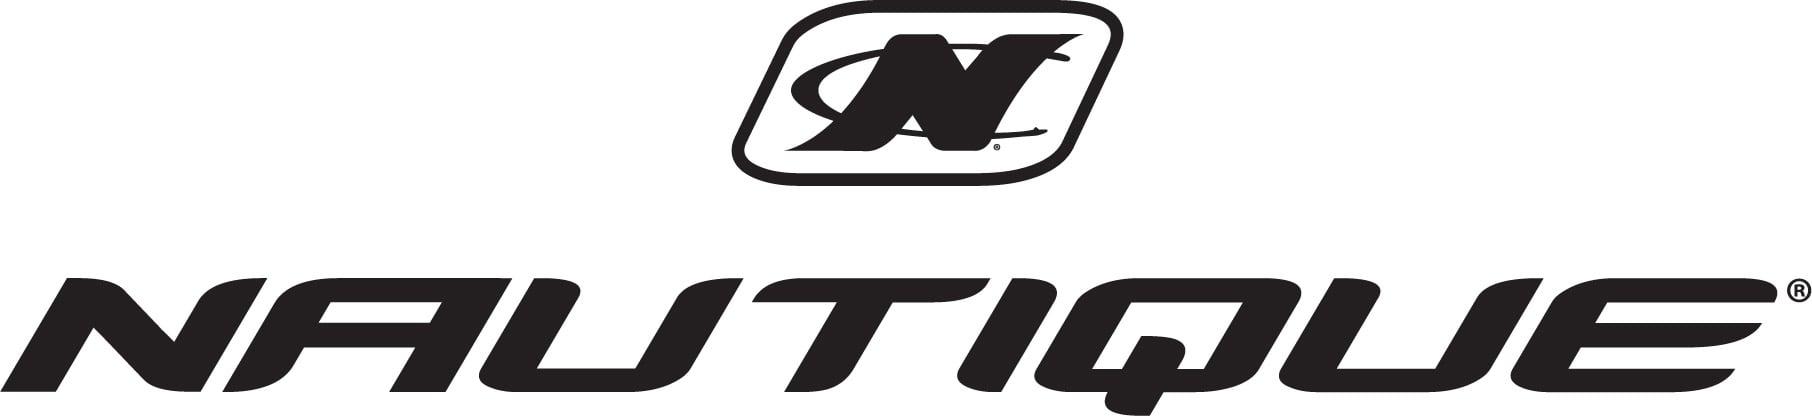 Nautique-with-Icon-Logo